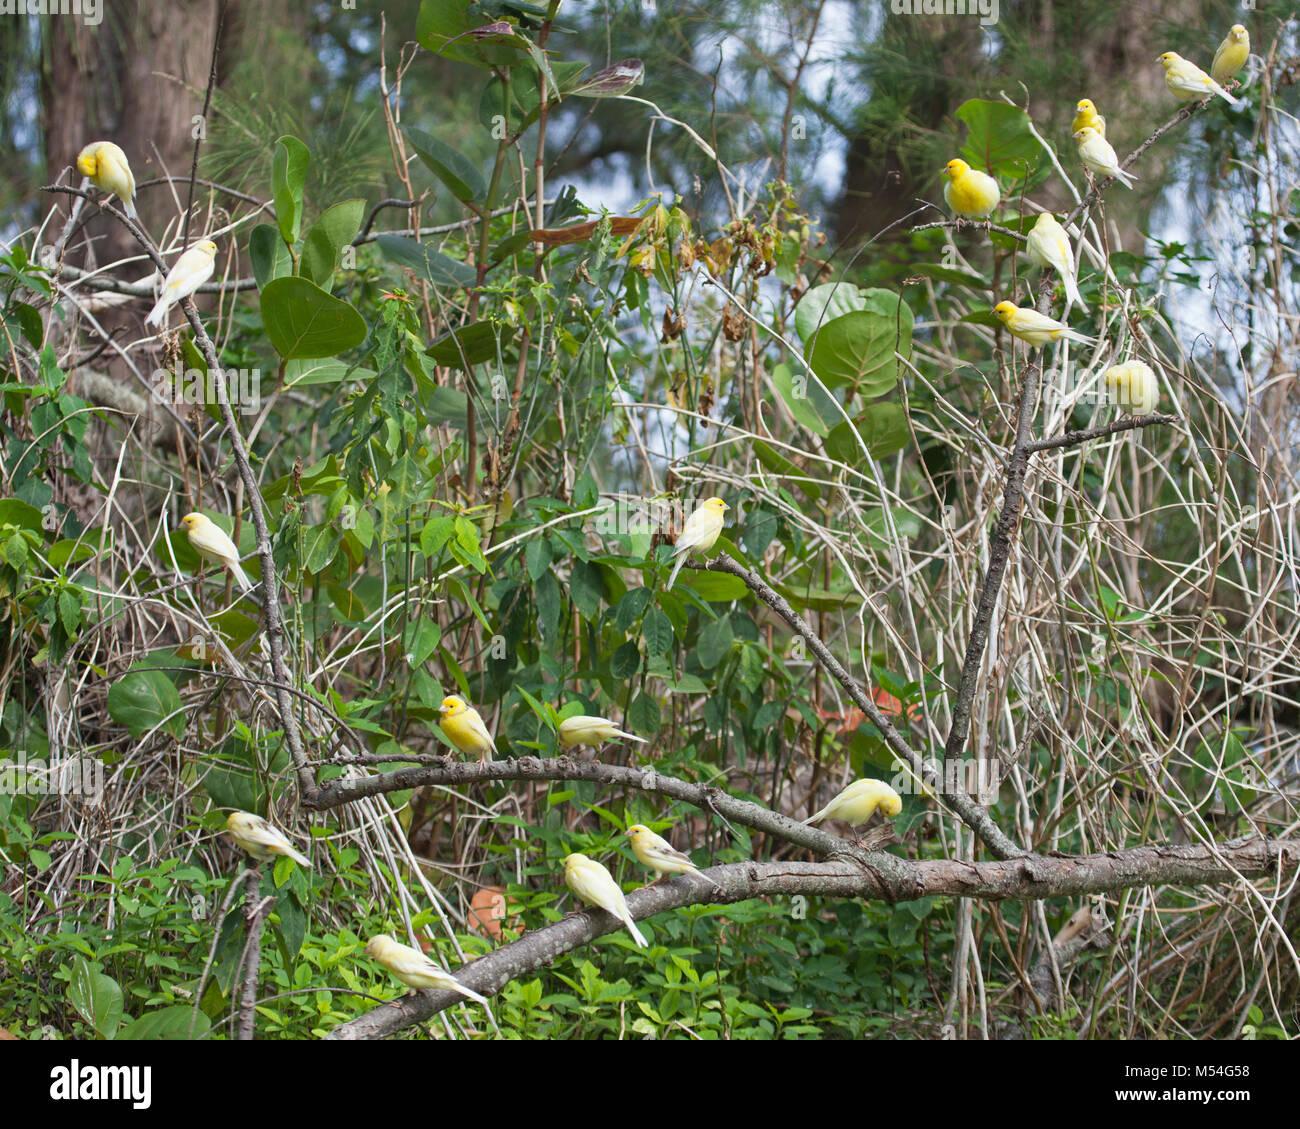 Wild canary gregge (Serinus canaria) discese da uccelli da compagnia rilasciato su Midway Atoll oltre un secolo Immagini Stock